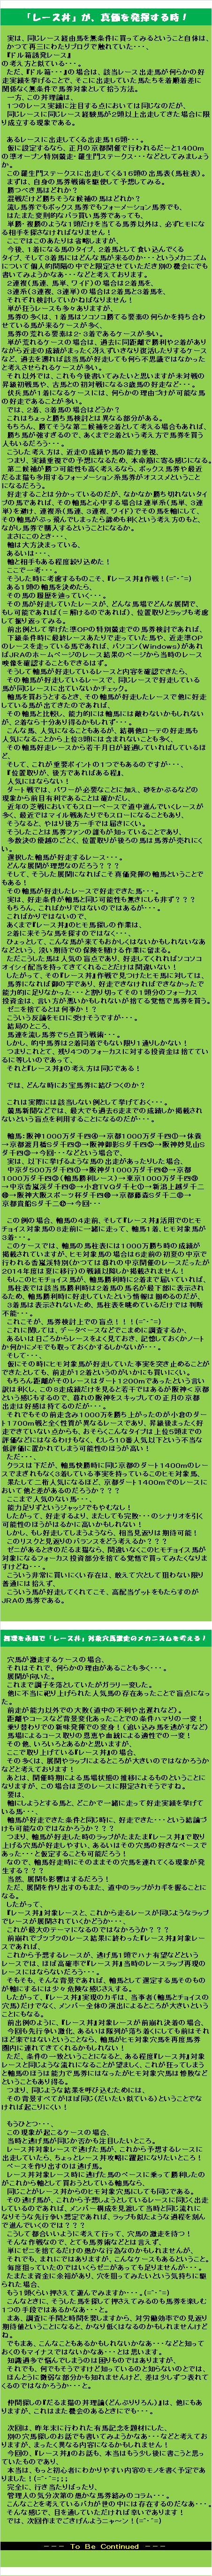 20150211・だるま猫の競馬理念・理論など(16)-④.jpg